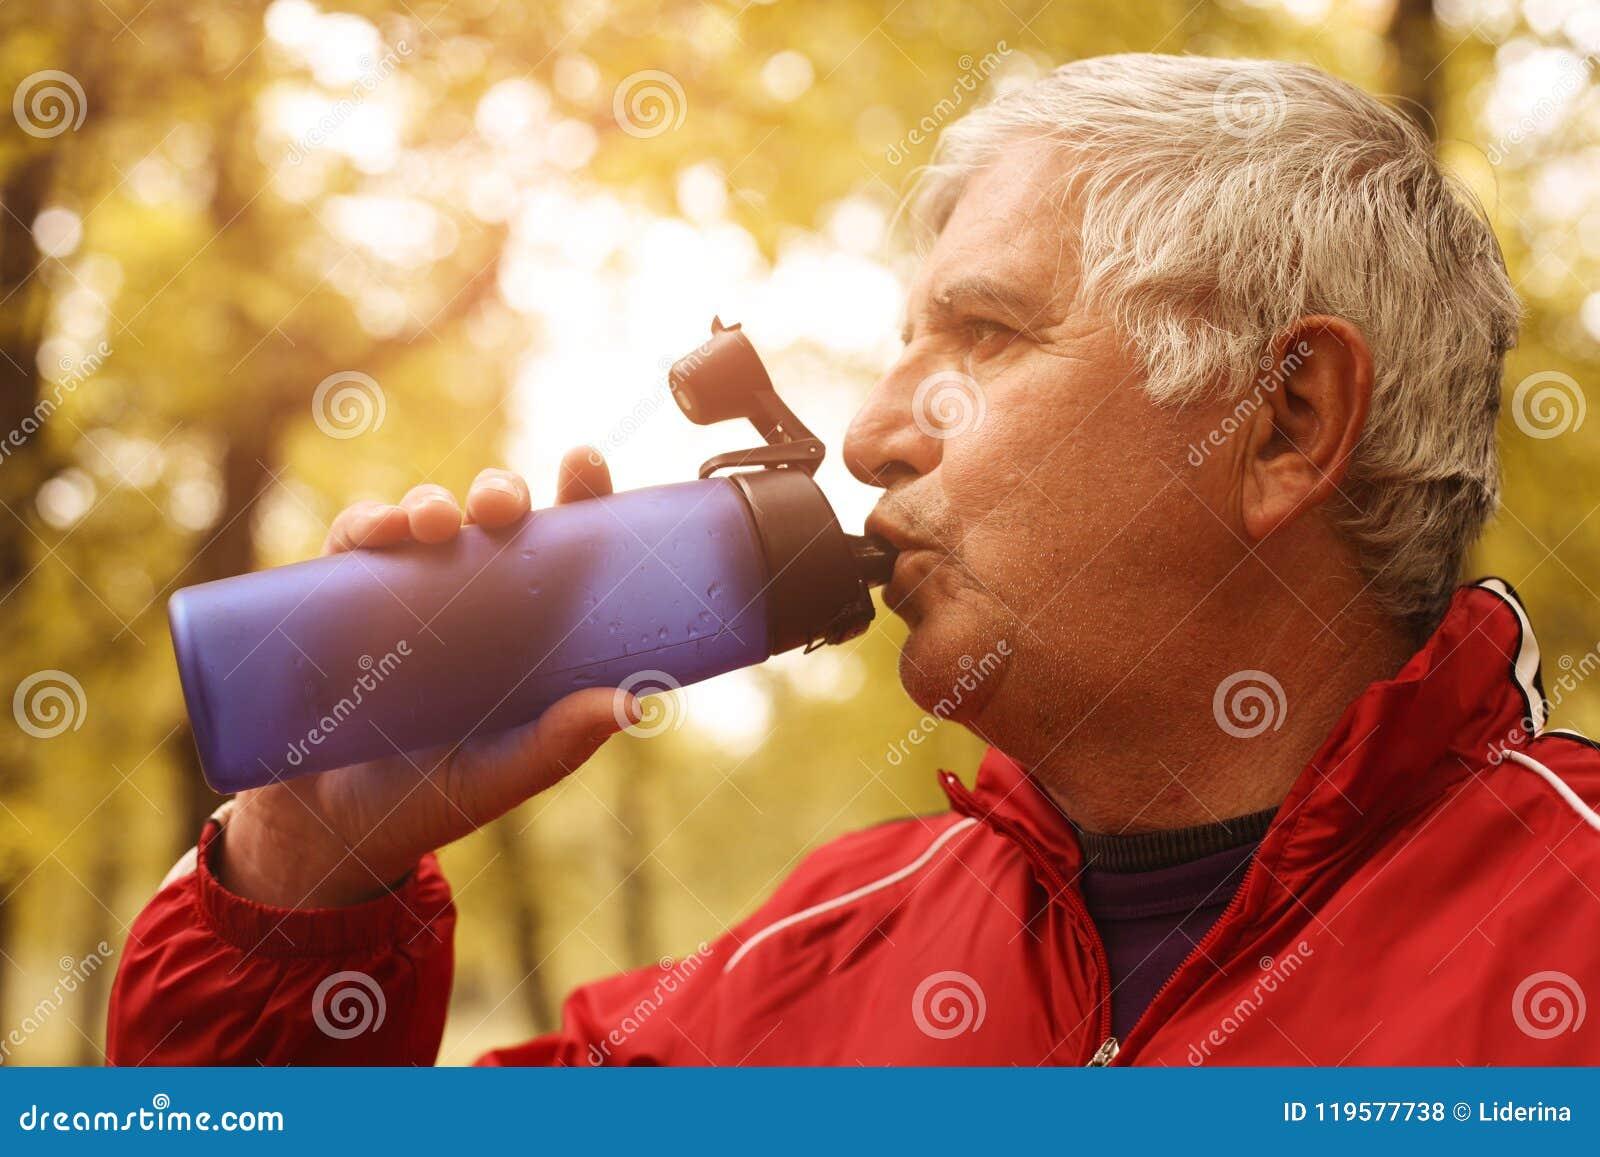 Des von mittlerem Alter Trinkwasser Mannes nach Training